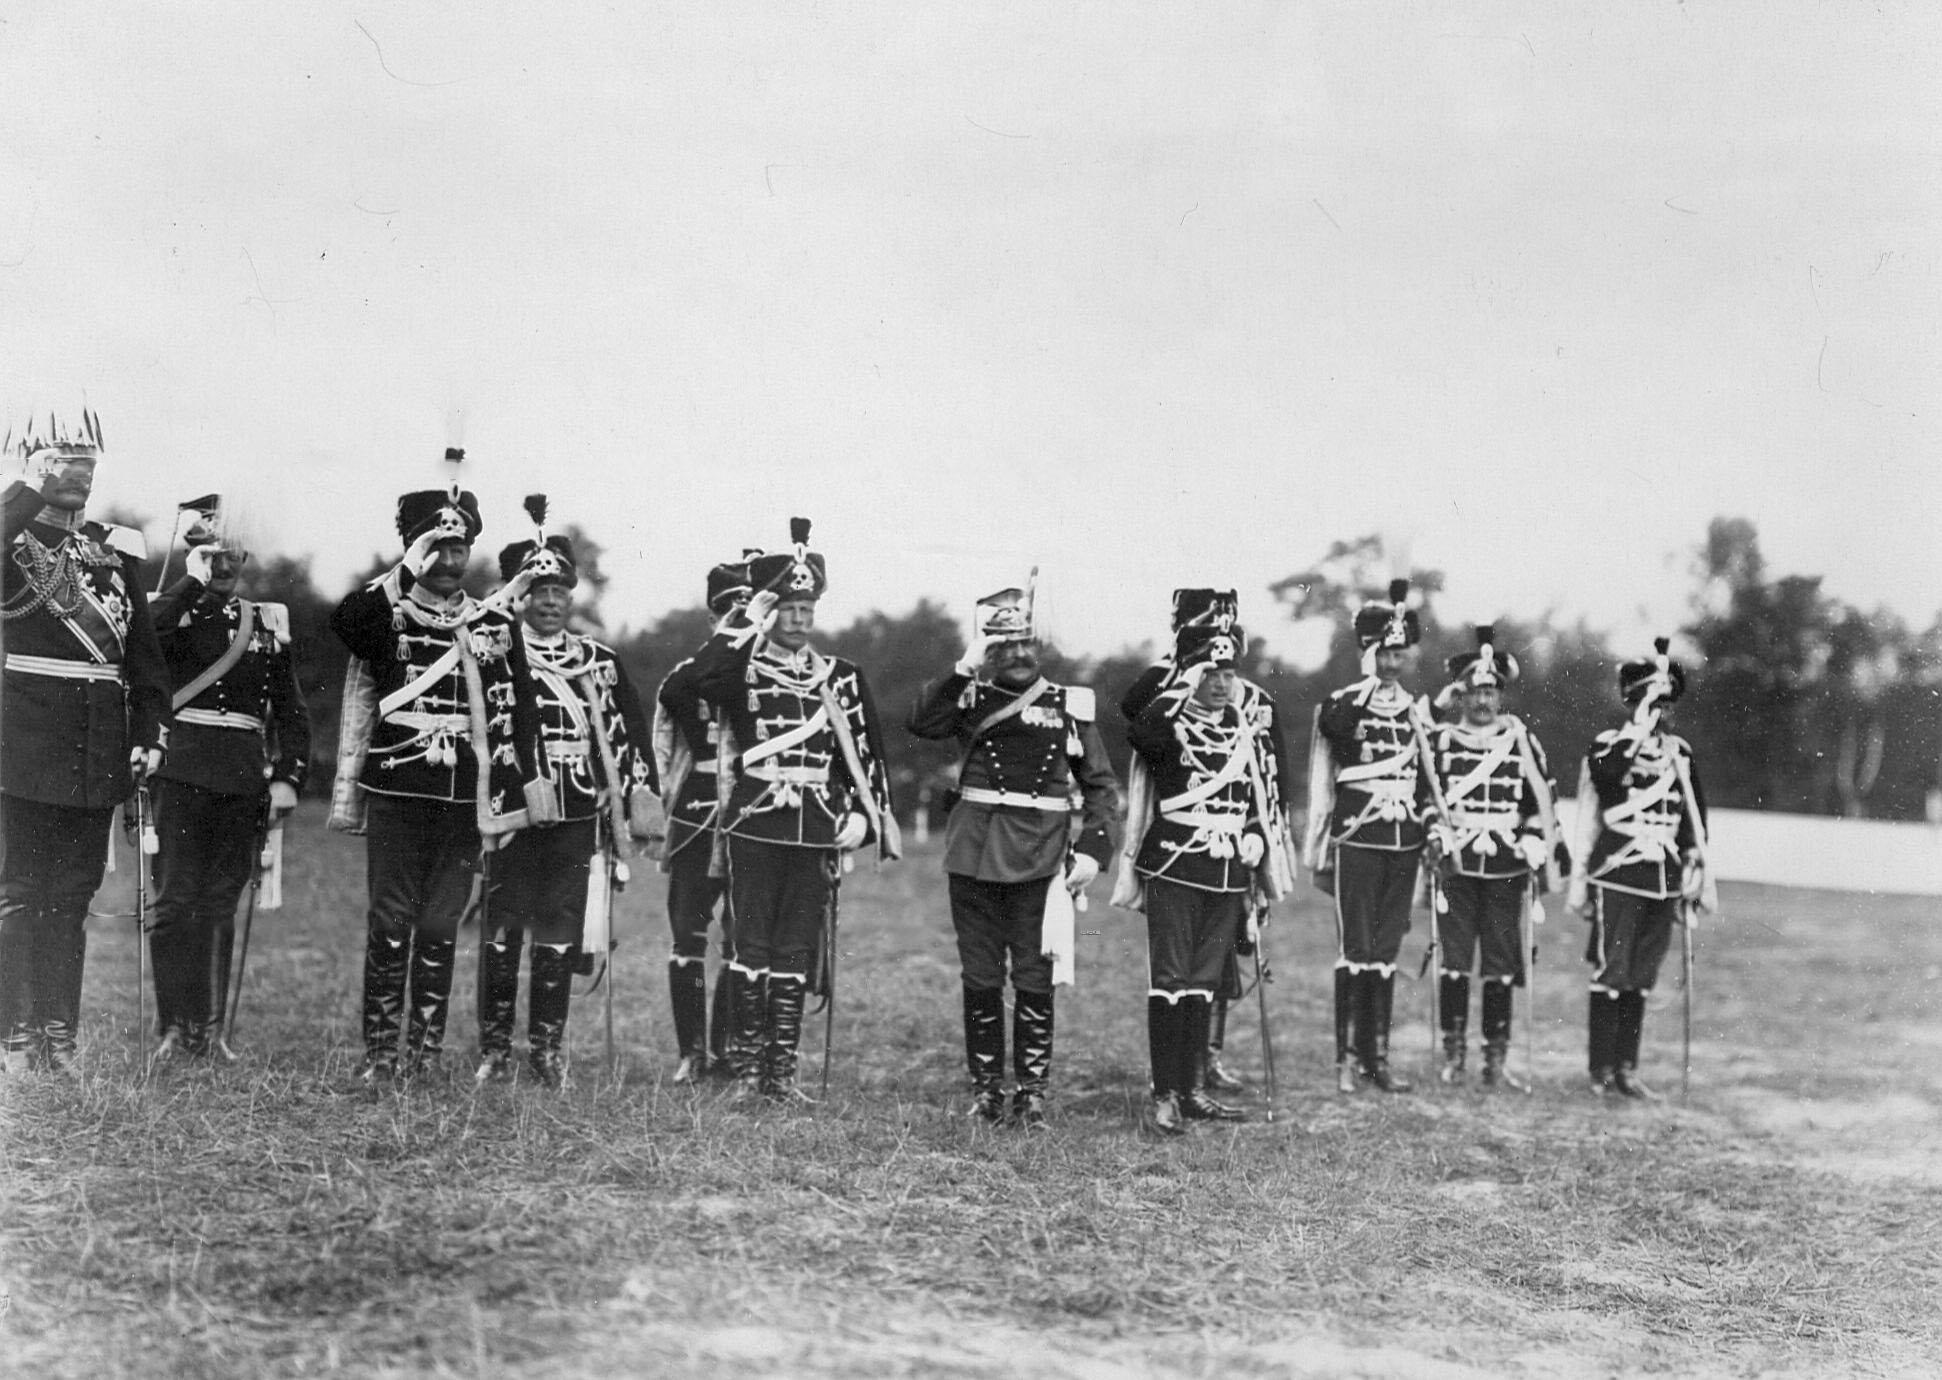 Группа германских гостей - офицеров полка «гусар смерти»  на праздновании 250-летнего юбилея полка